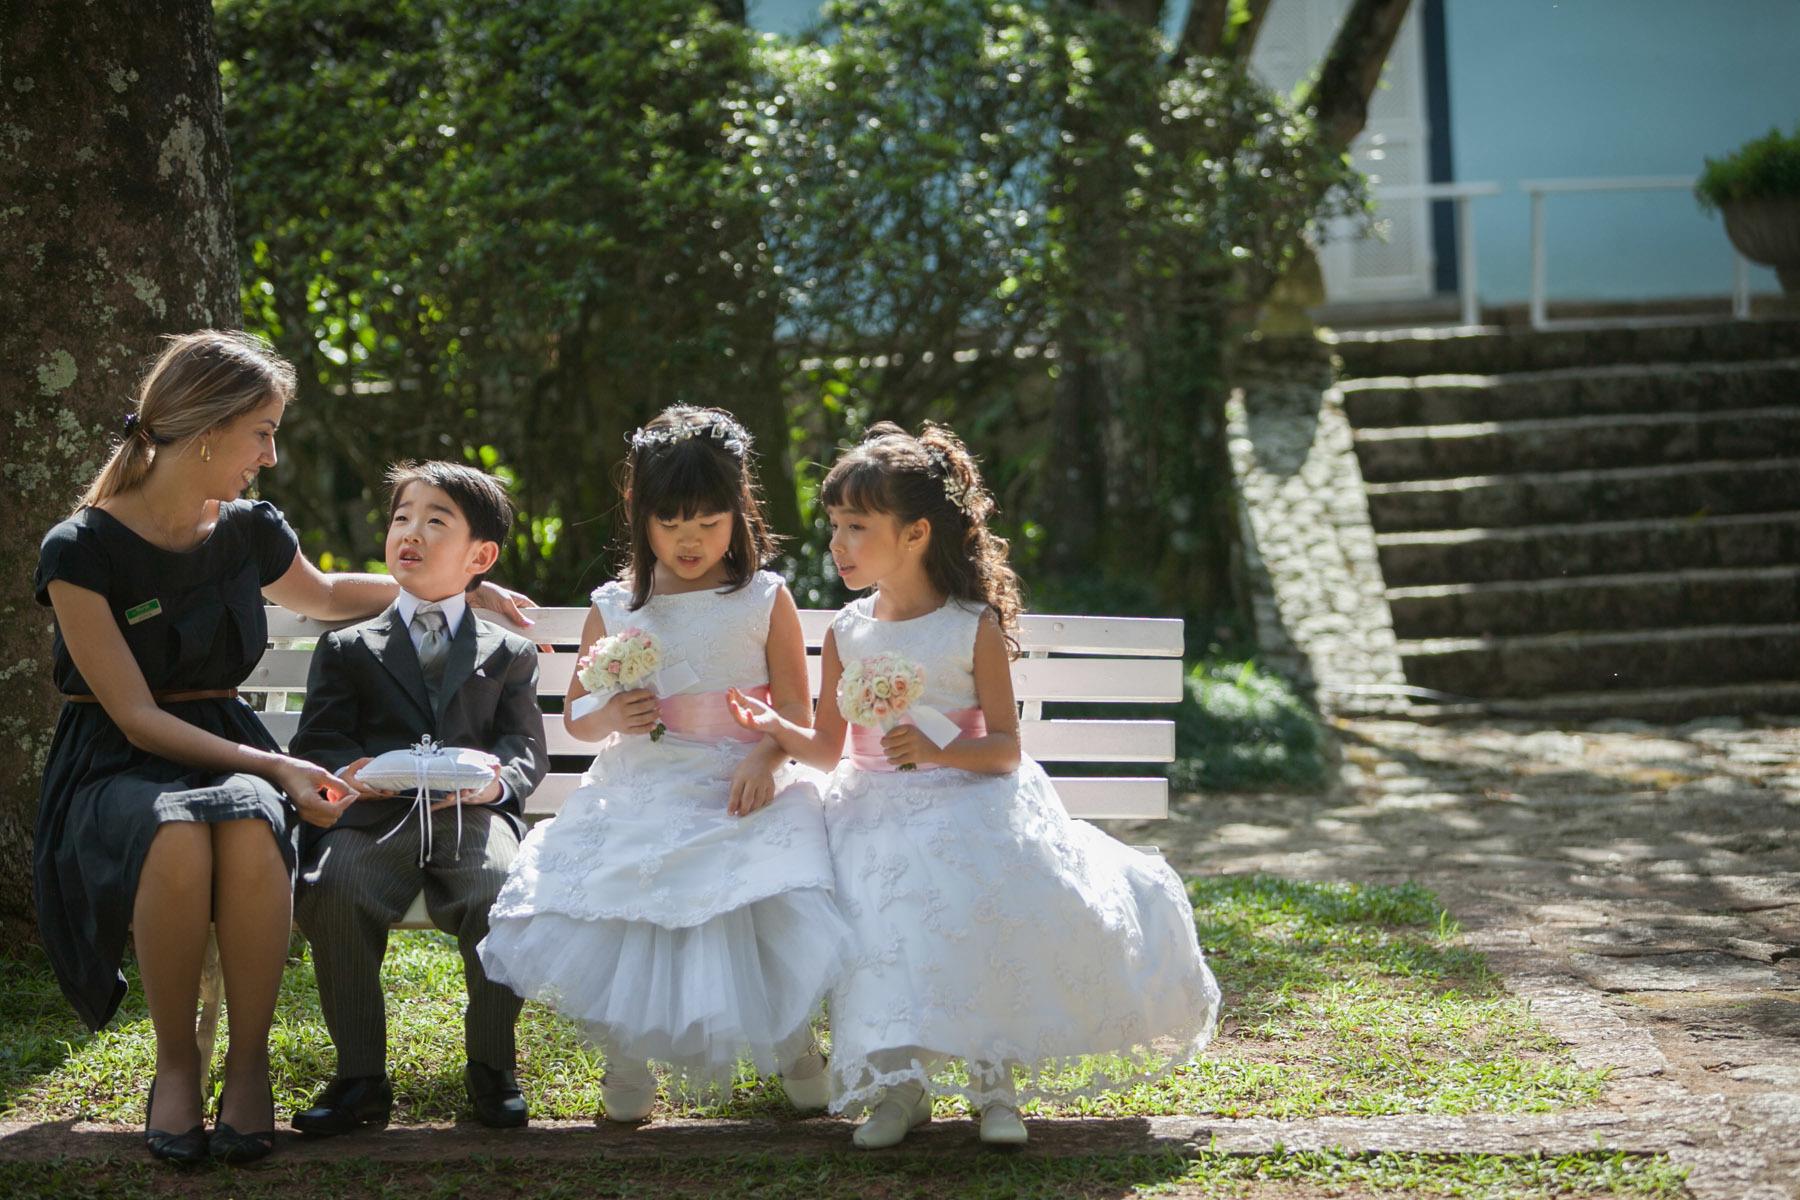 Contate Joyce Arruda - Assessoria e Cerimonial de Casamentos